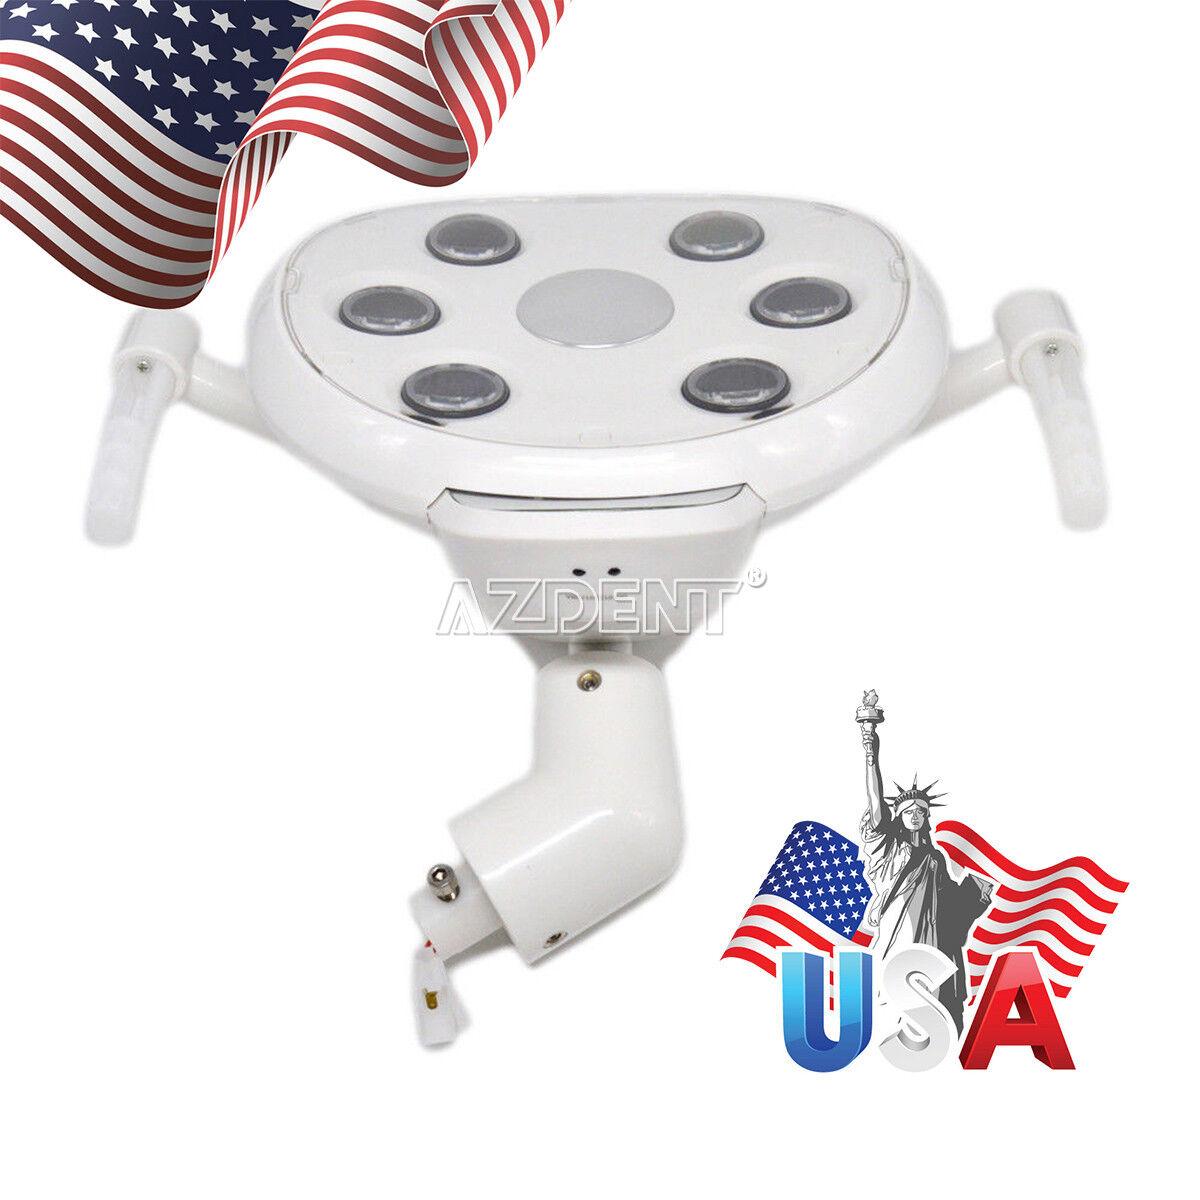 USA 1 Kit  Dental Oral lamp LED Light For Dental Chair Unit CX249-23